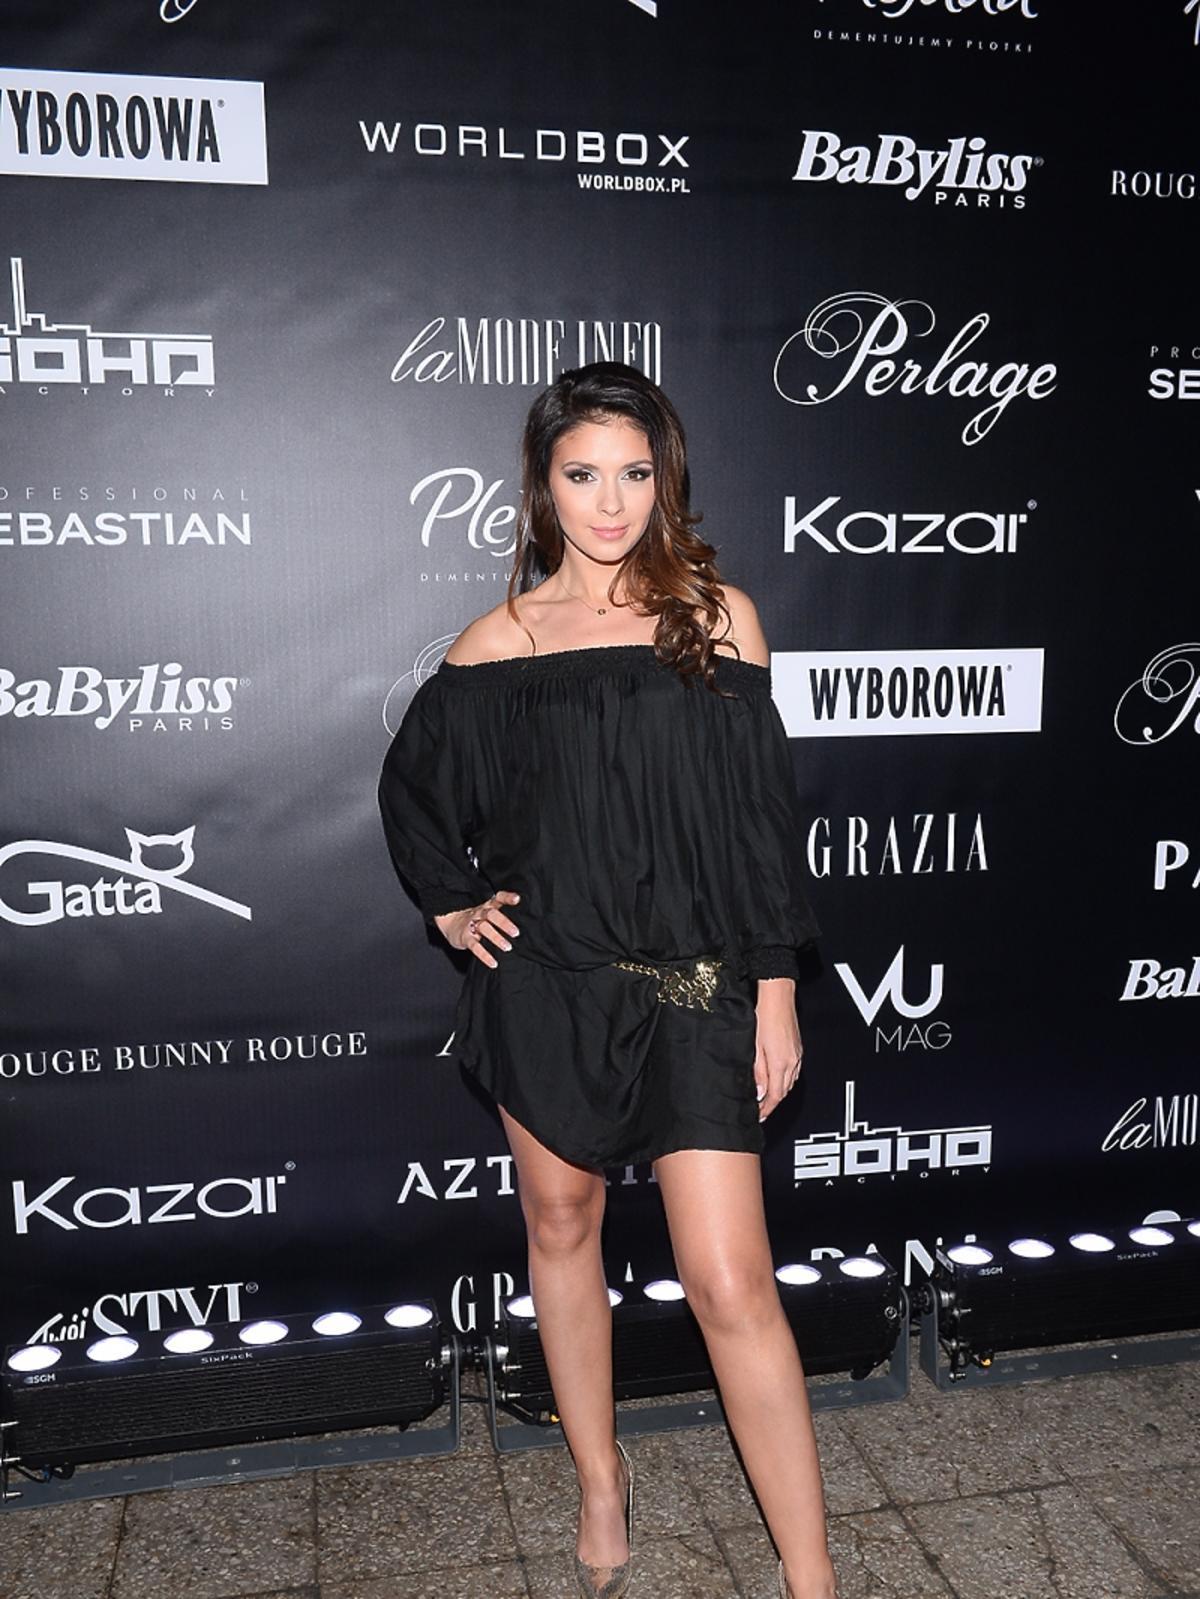 Kaludia Halejcio w czarnej mini na pokazie mody